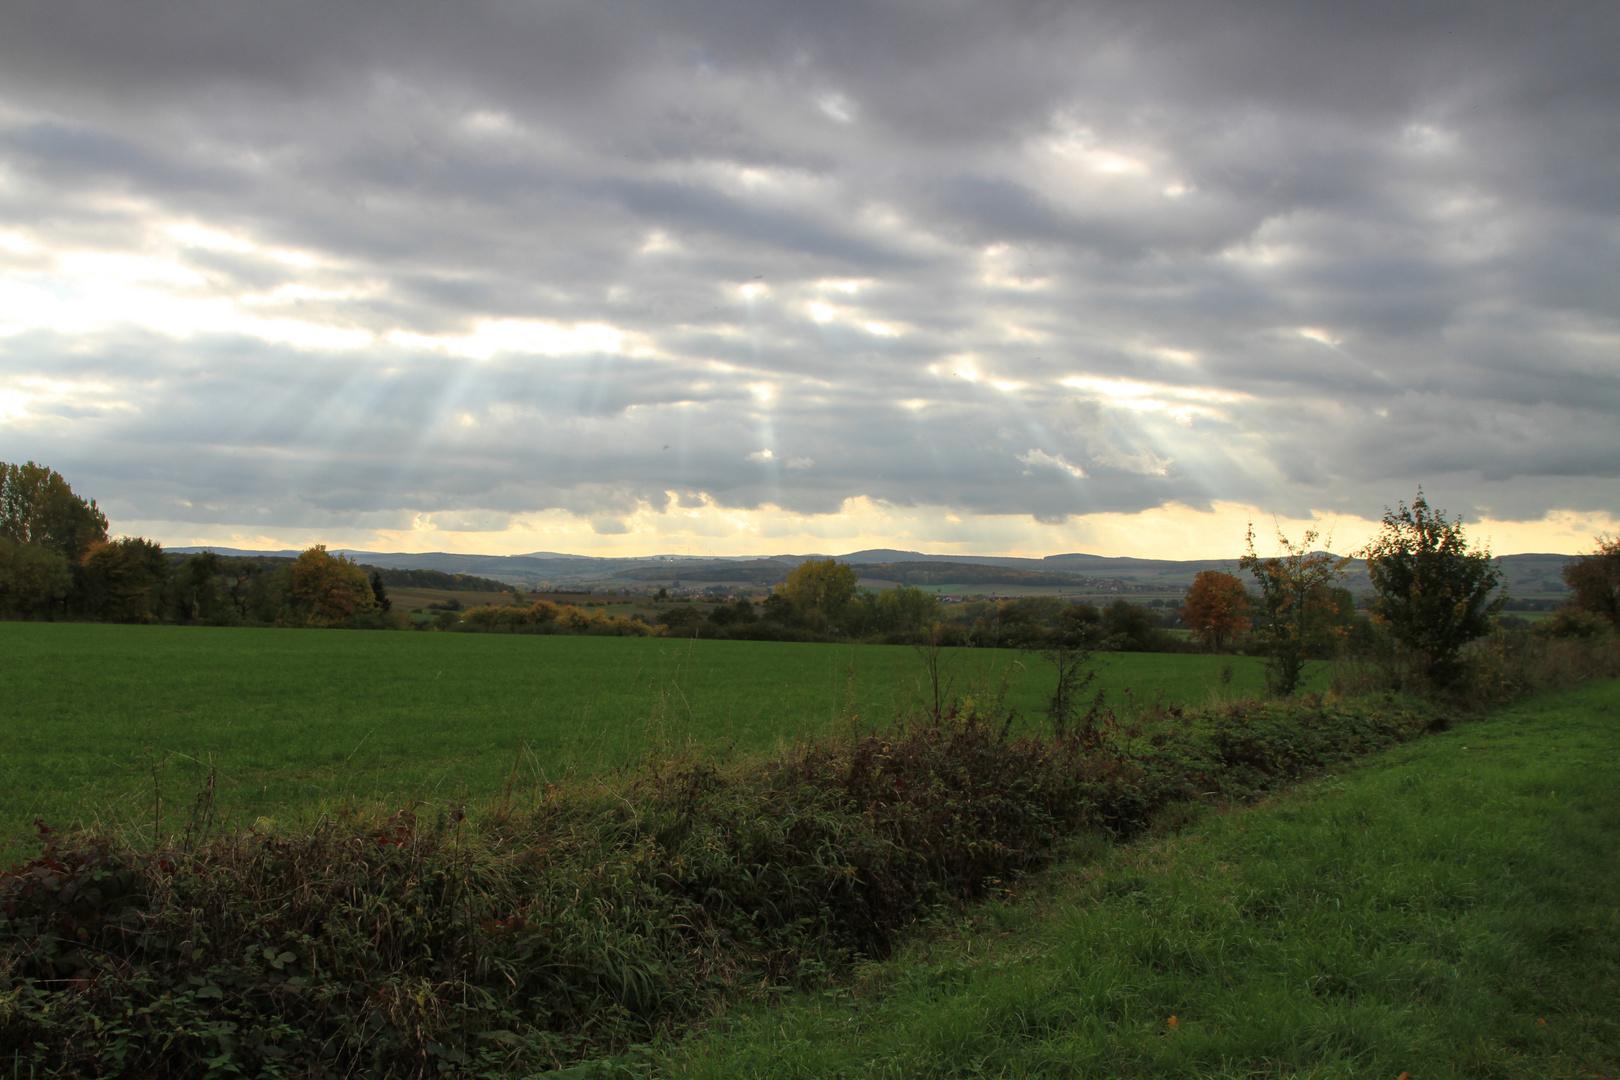 Licht durch die Wolken